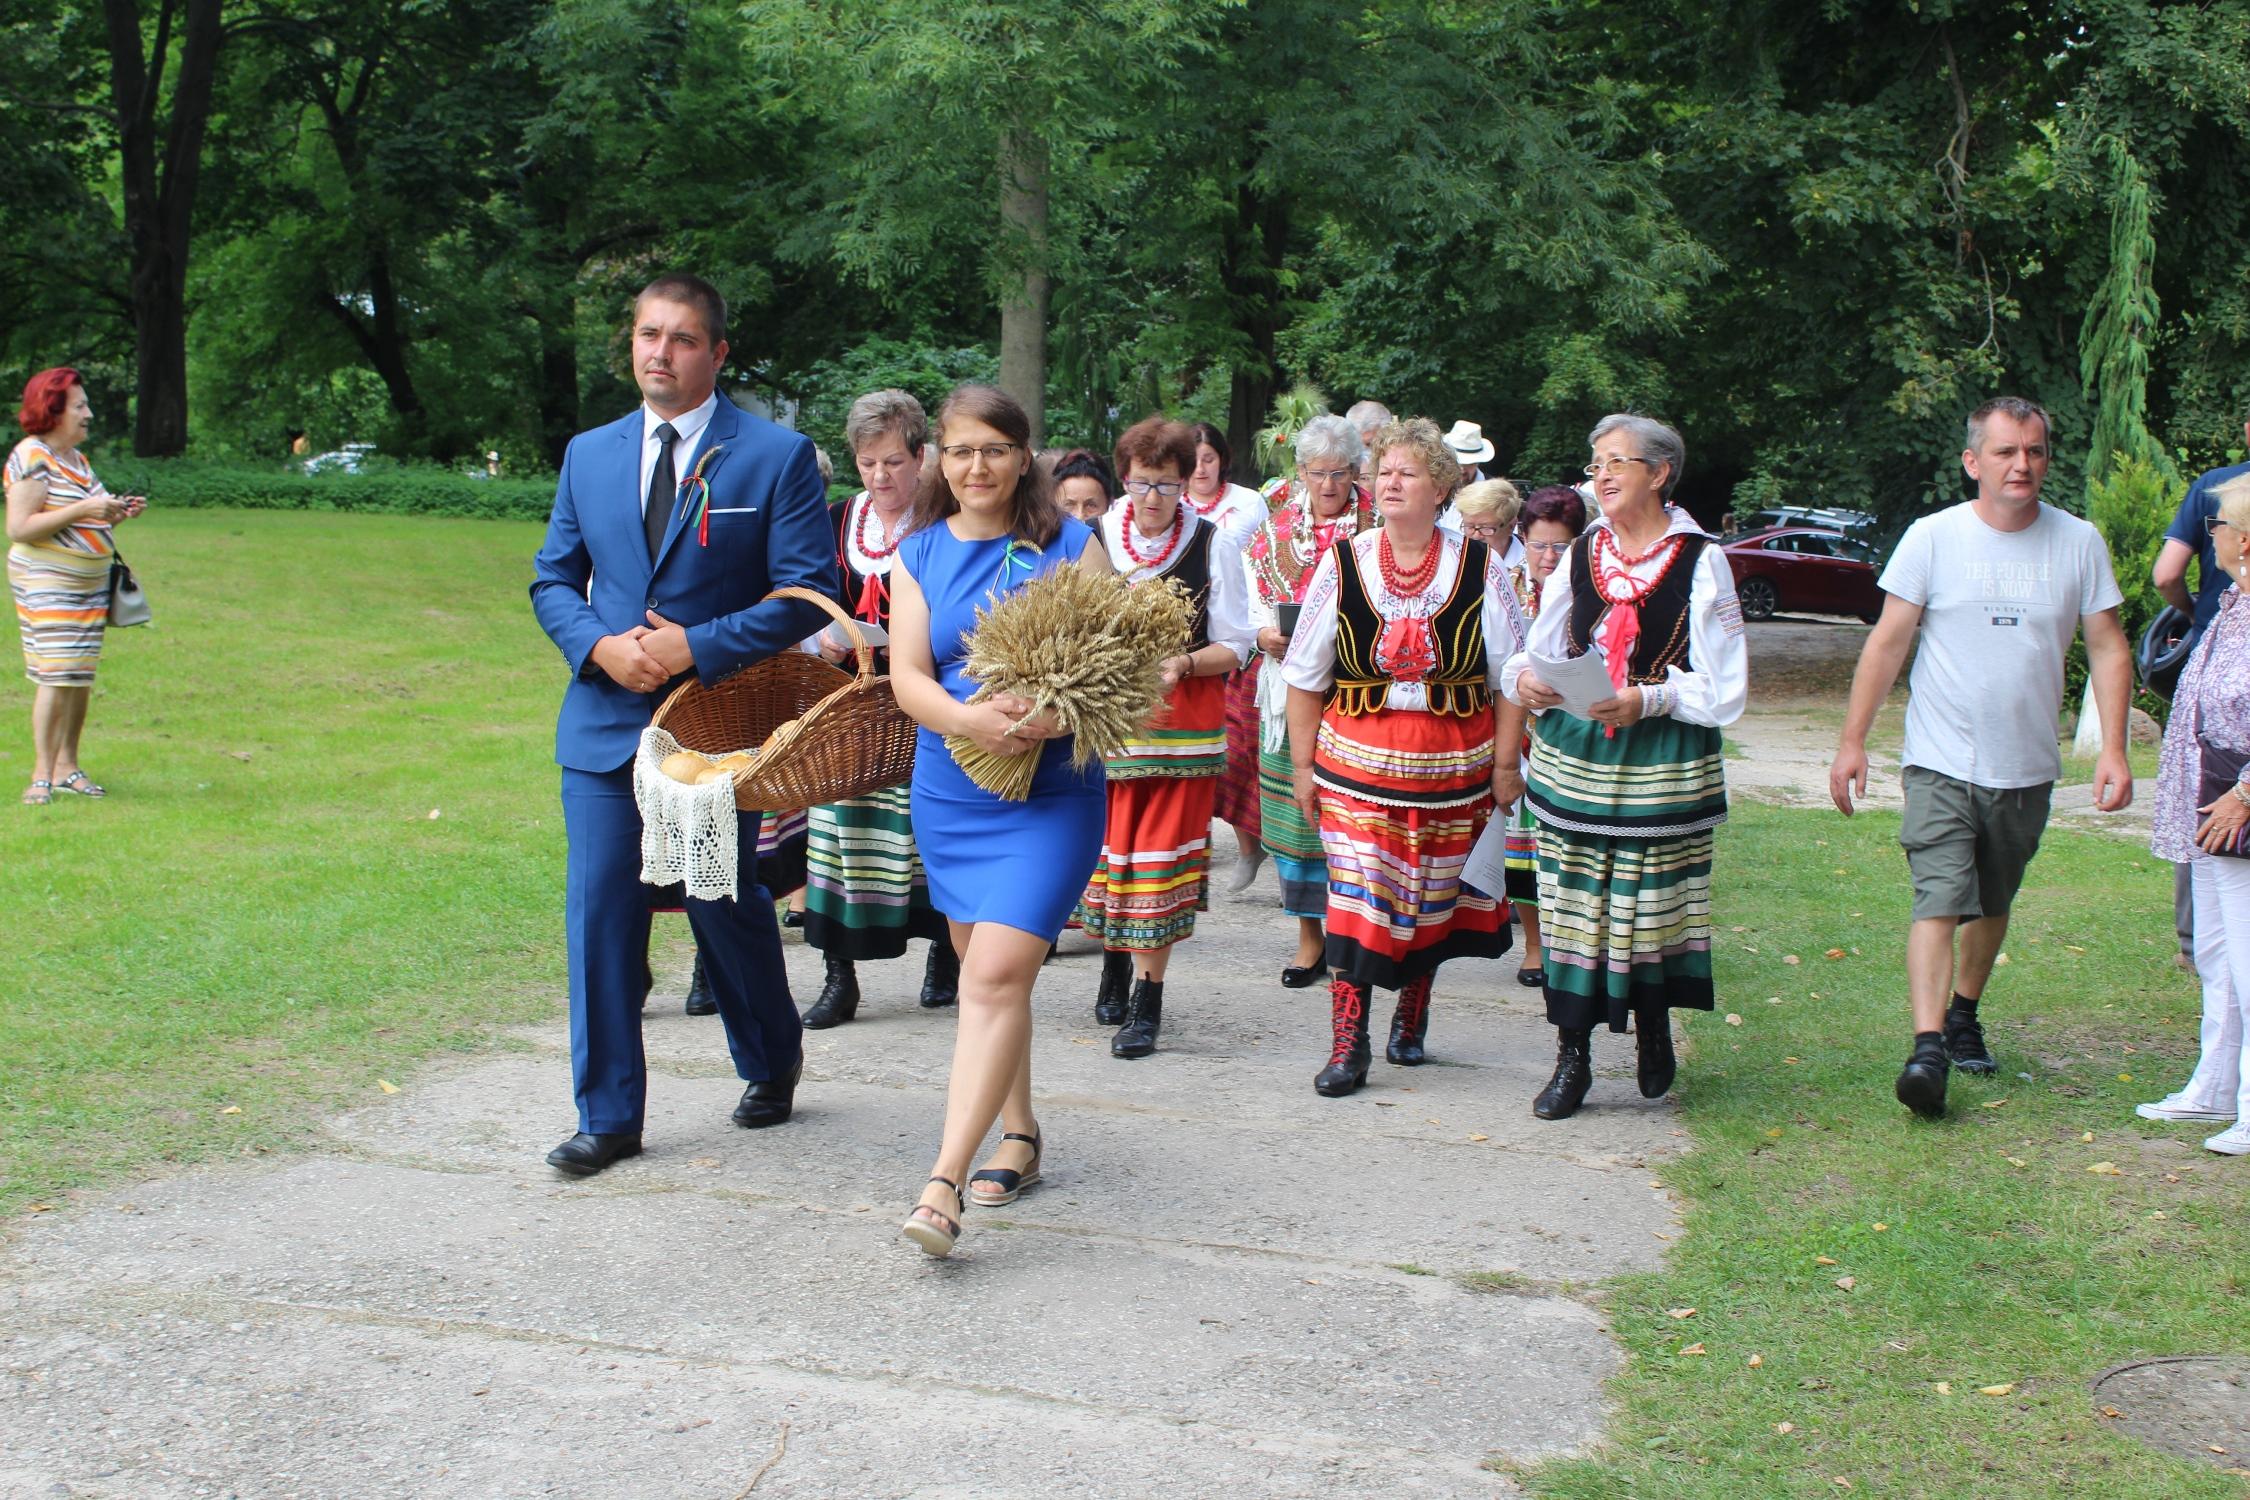 Tak mieszkańcy gminy Janowiec bawili się na dożynkach (galeria) - Zdjęcie główne